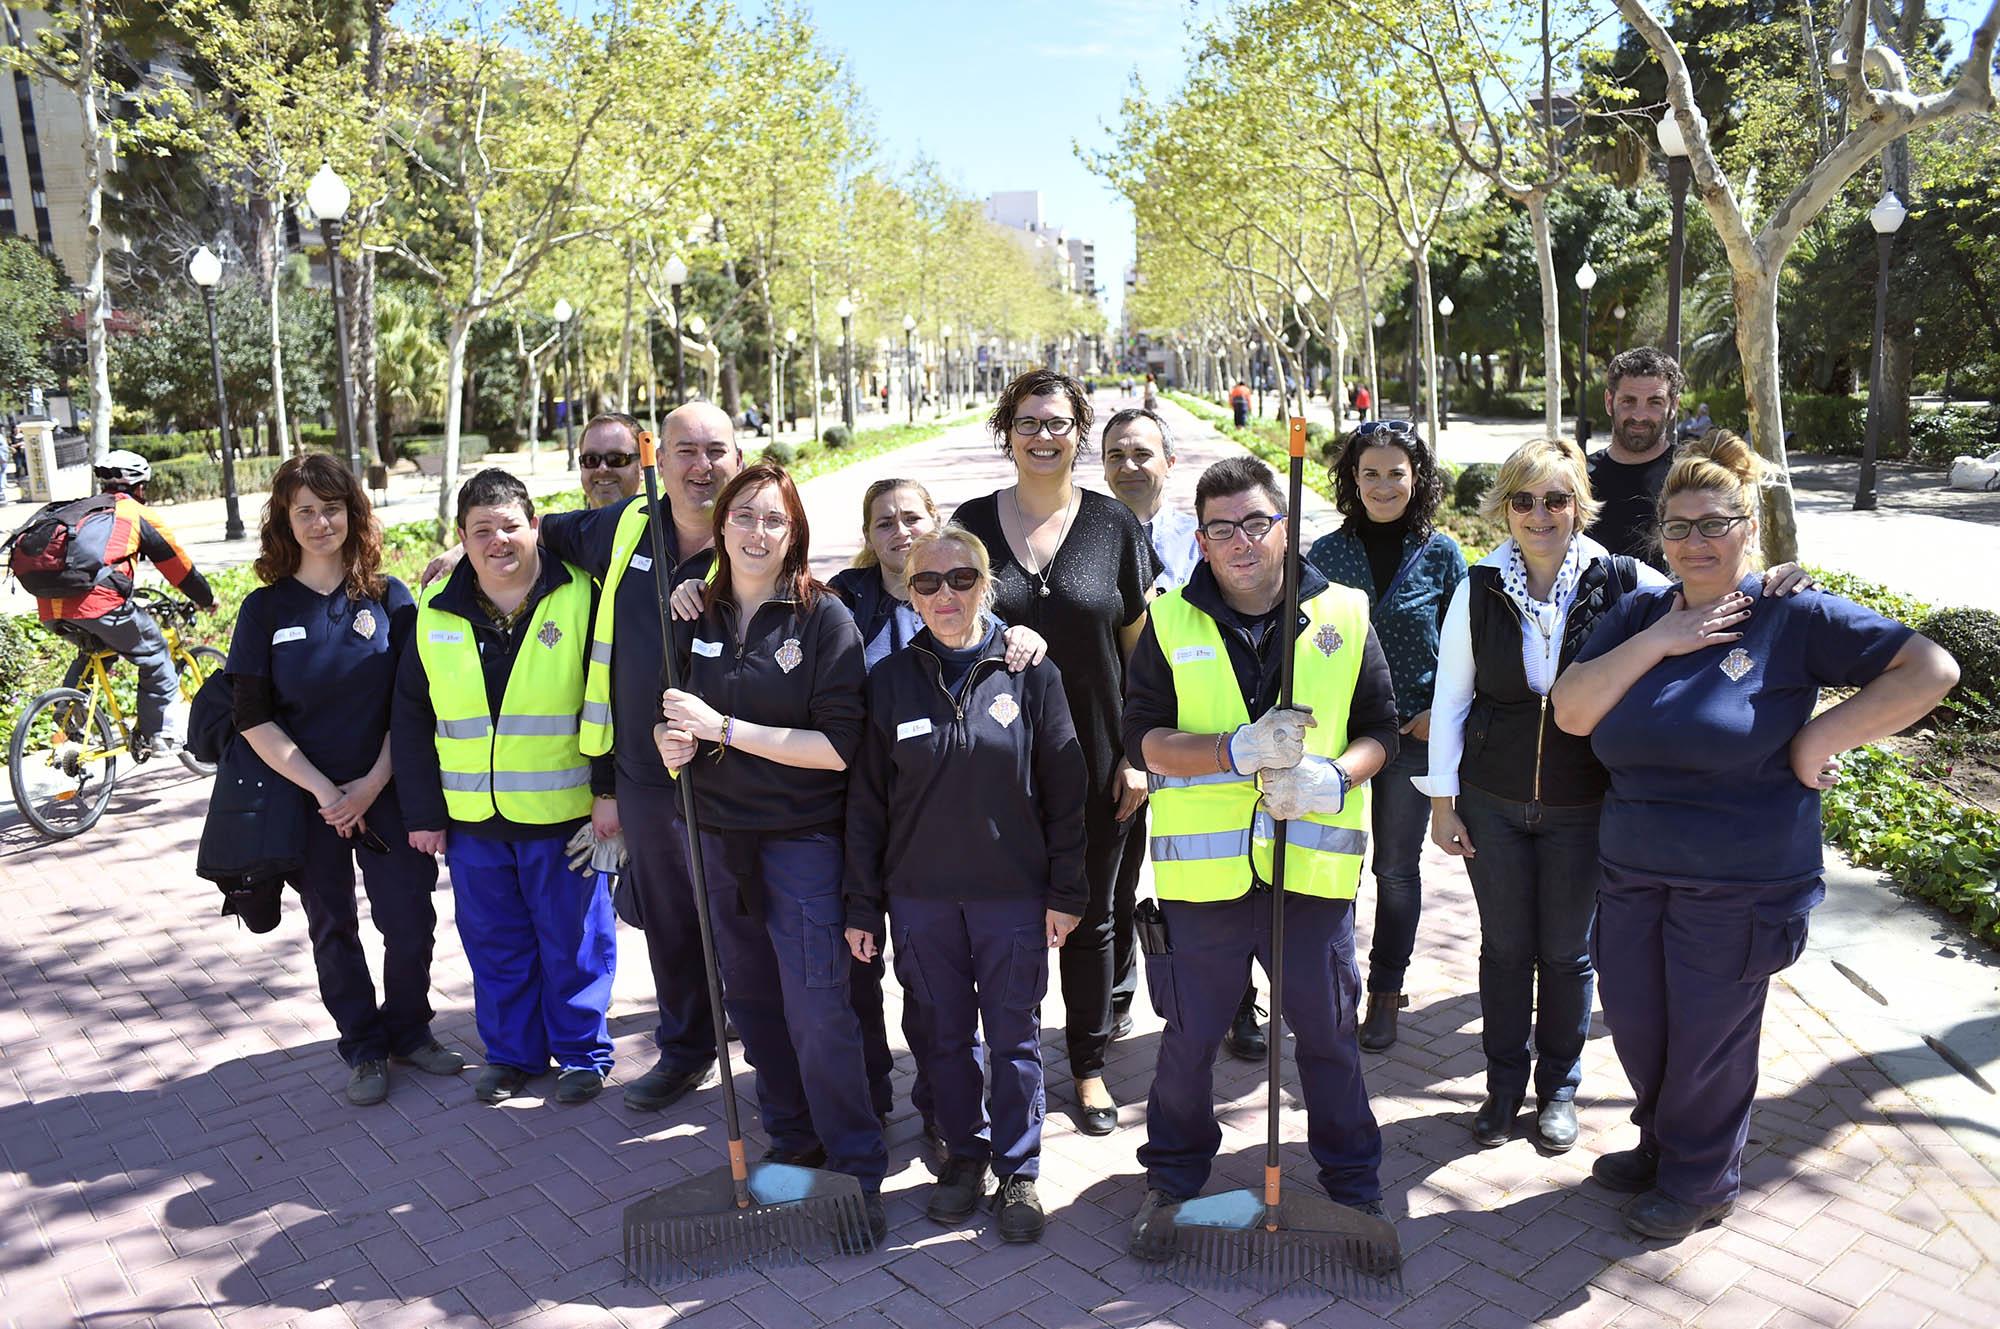 Castell n clausura un curso de jardiner a con alumnado con - Trabajo jardineria madrid ...